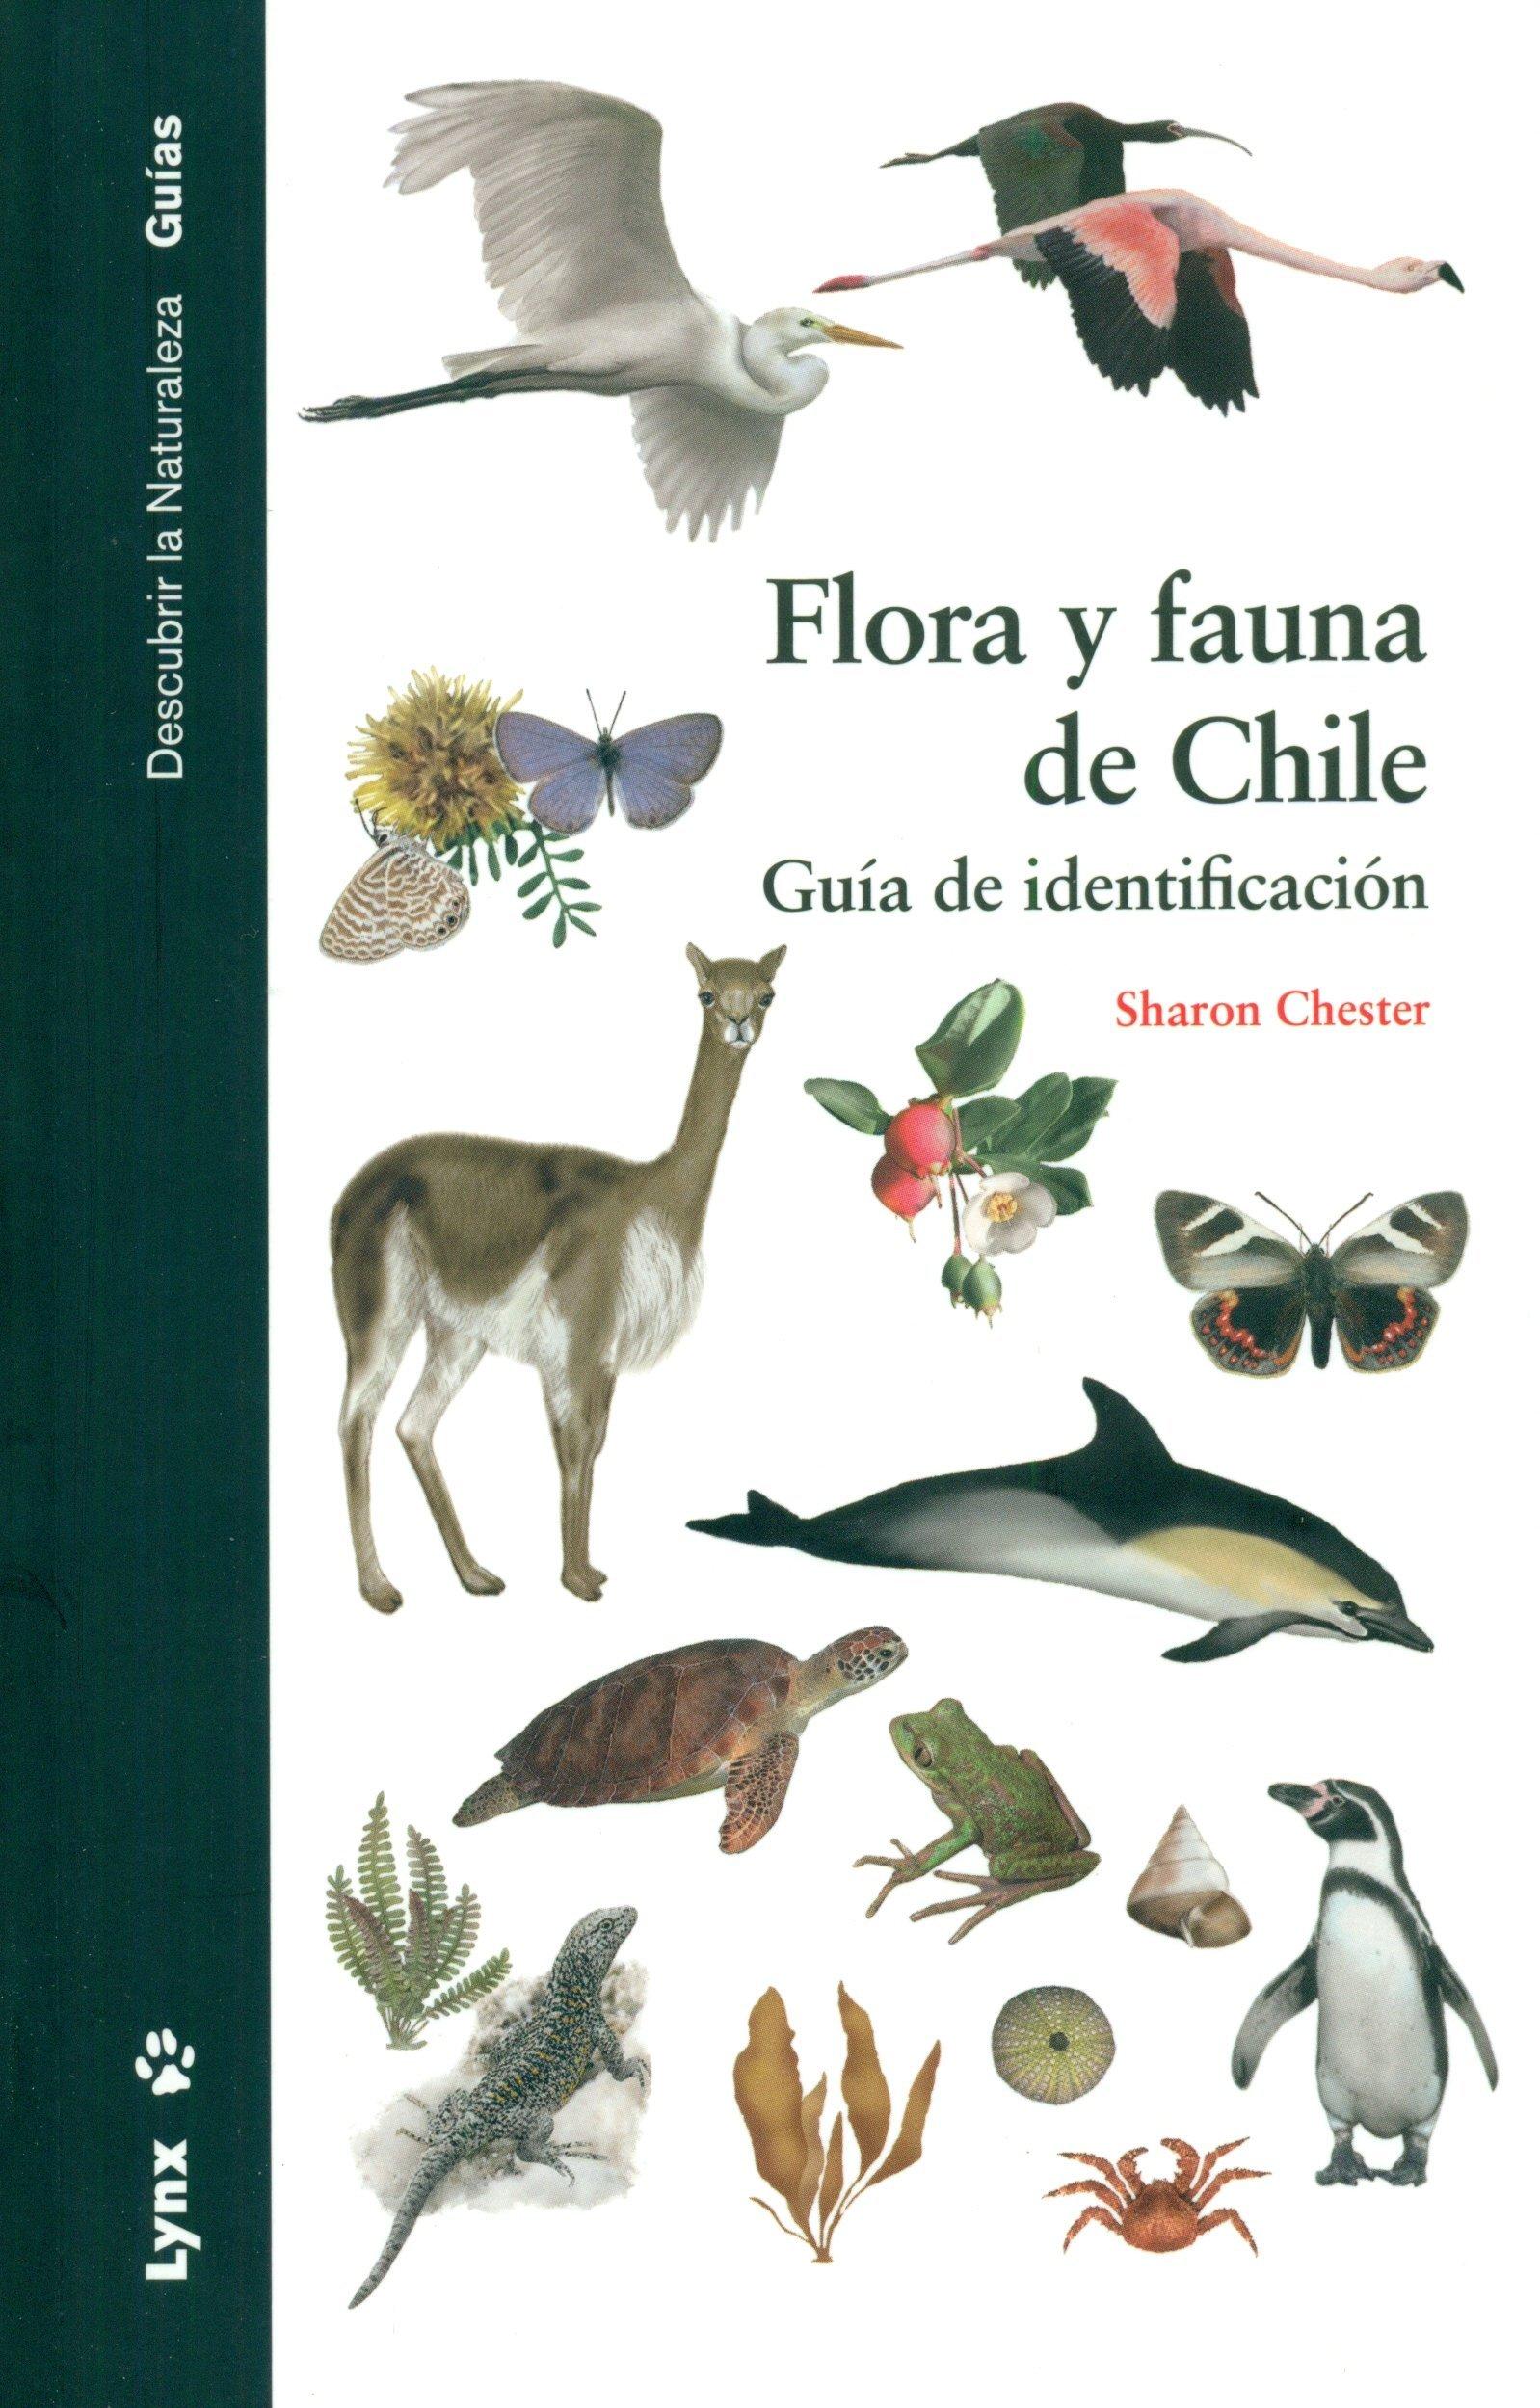 Flora y fauna de Chile. Guía de identificación Descubrir la Naturaleza. Guías: Amazon.es: Sharon Chester, Elisabet Carreras: Libros